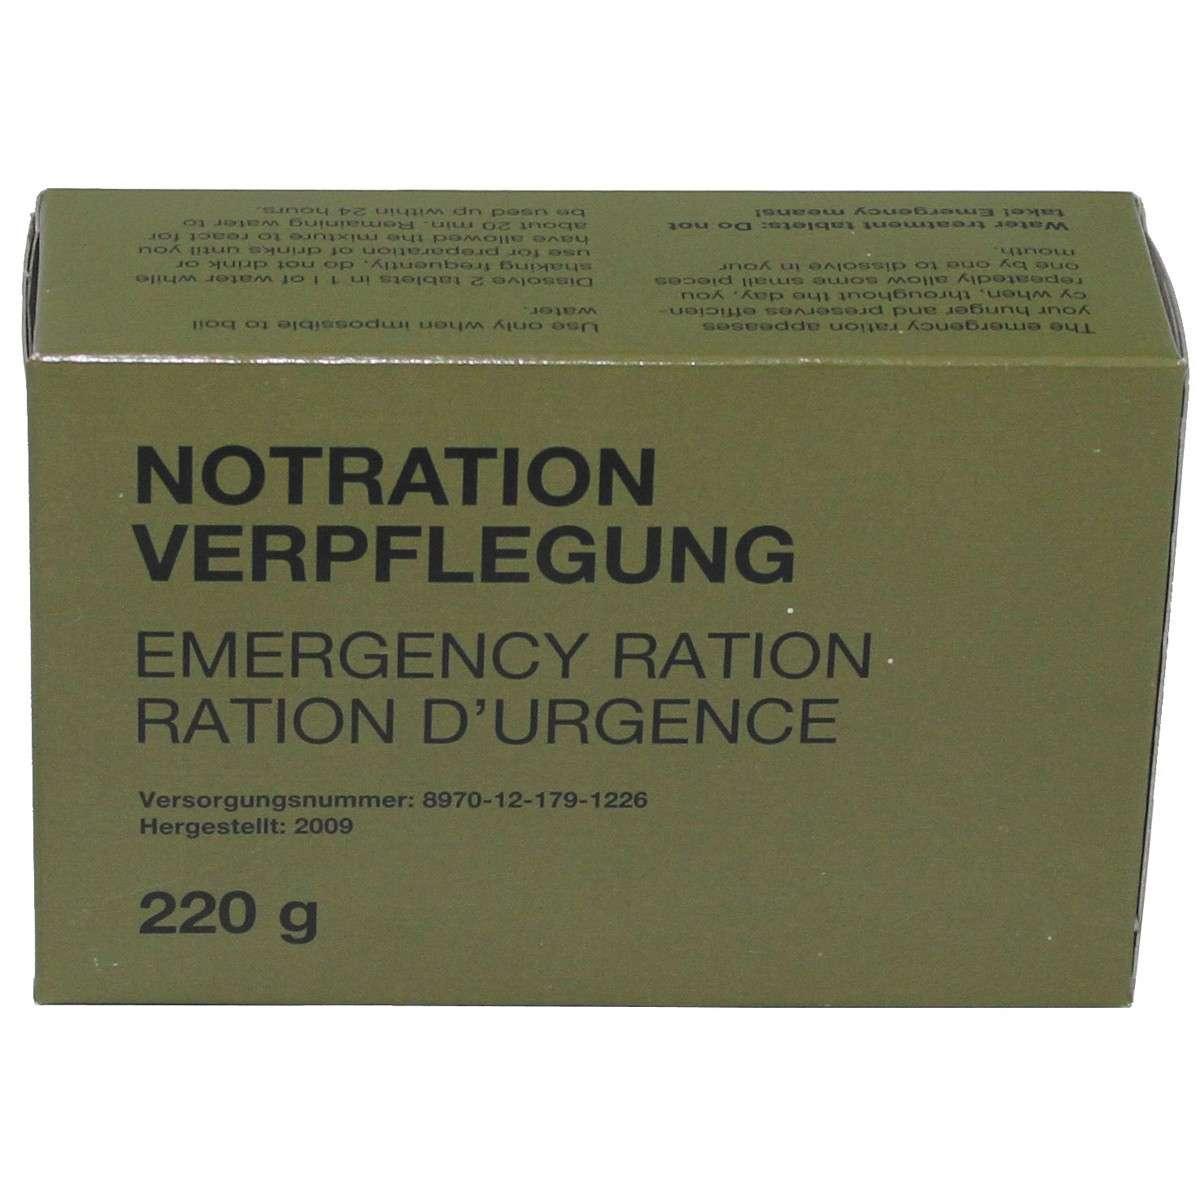 BW Notration - Verpflegung, 1 Packung 220 g, EPA, MRE, Bundeswehr ...